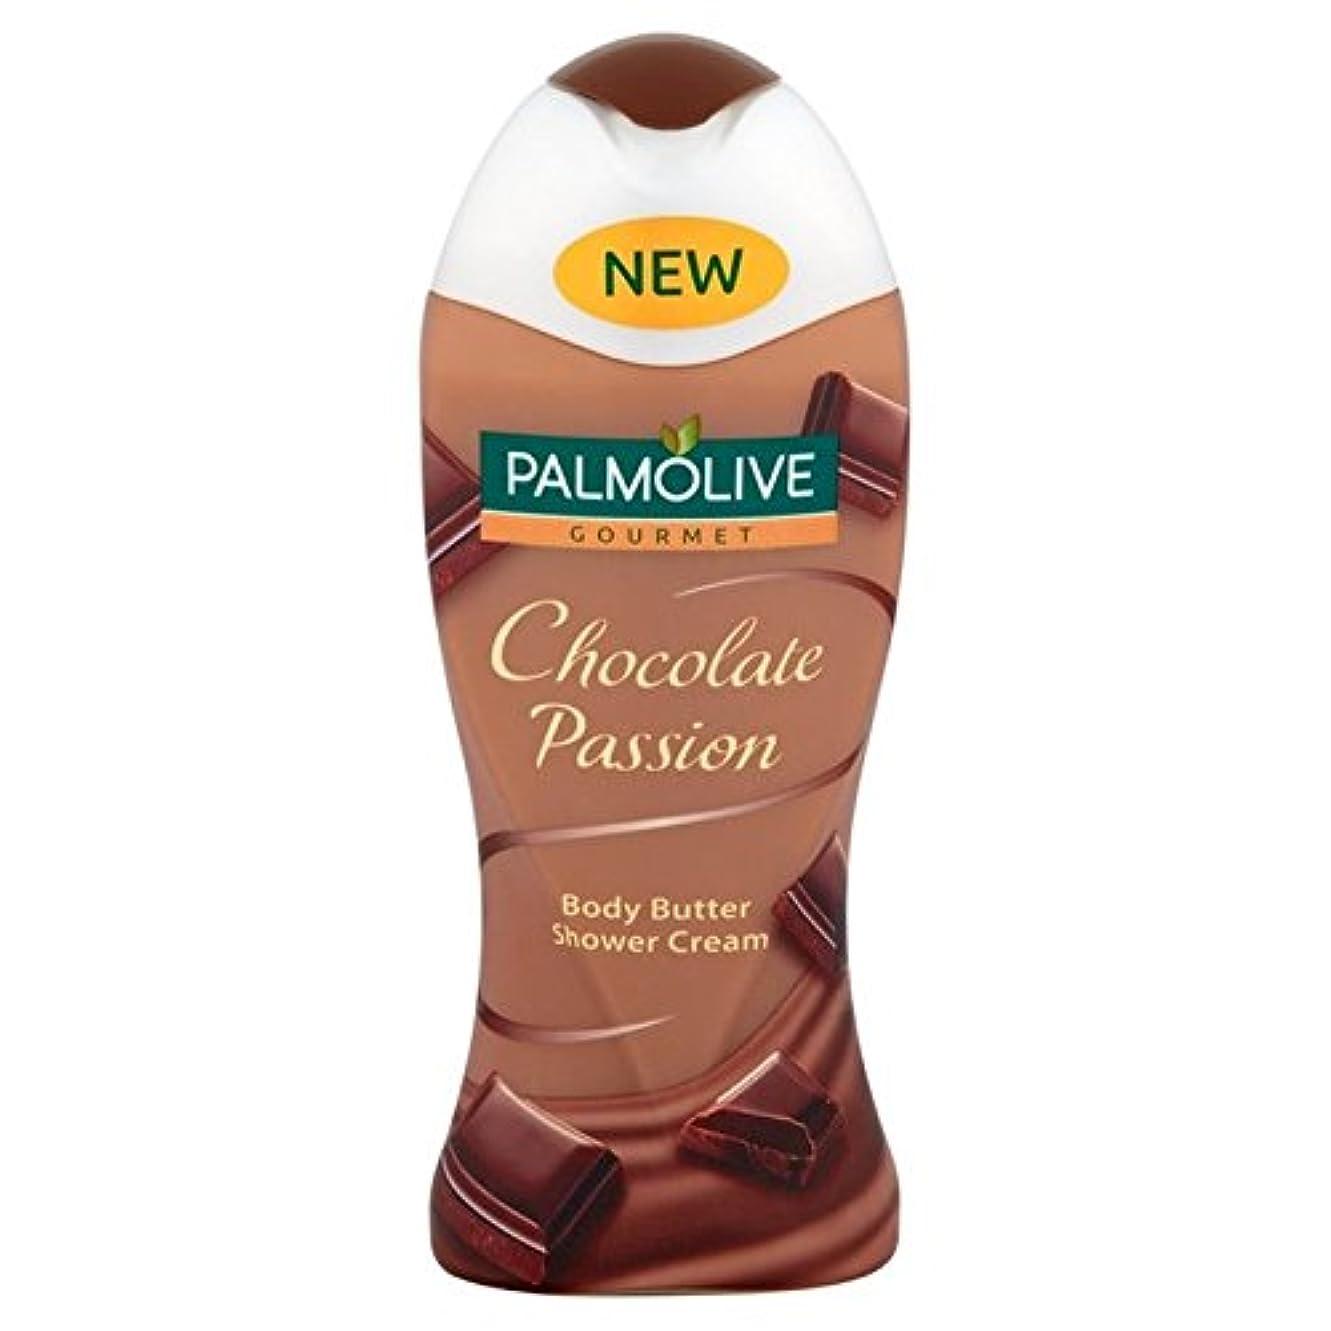 合体脊椎牧師パルモグルメチョコレートシャワージェル250ミリリットル x2 - Palmolive Gourmet Chocolate Shower Gel 250ml (Pack of 2) [並行輸入品]